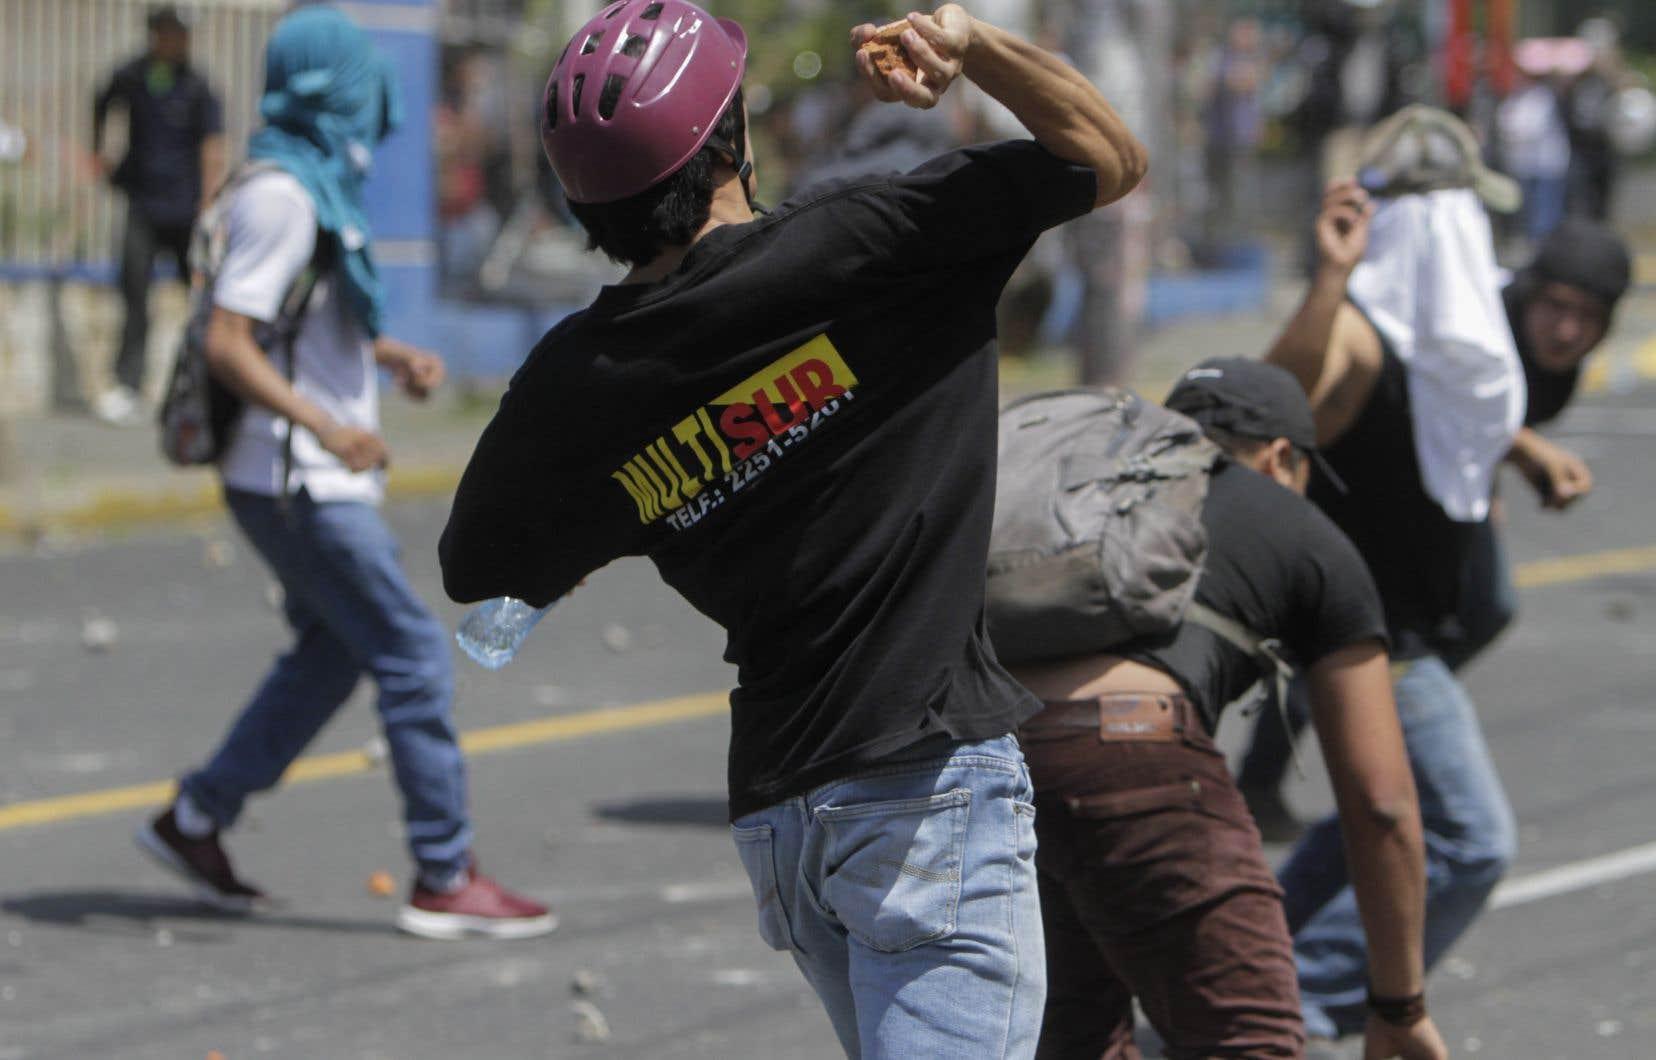 <p>Les manifestations d'opposants comme de partisans d'une réforme des retraitesse déroulent pour la deuxième journée consécutive dans la capitale.</p>